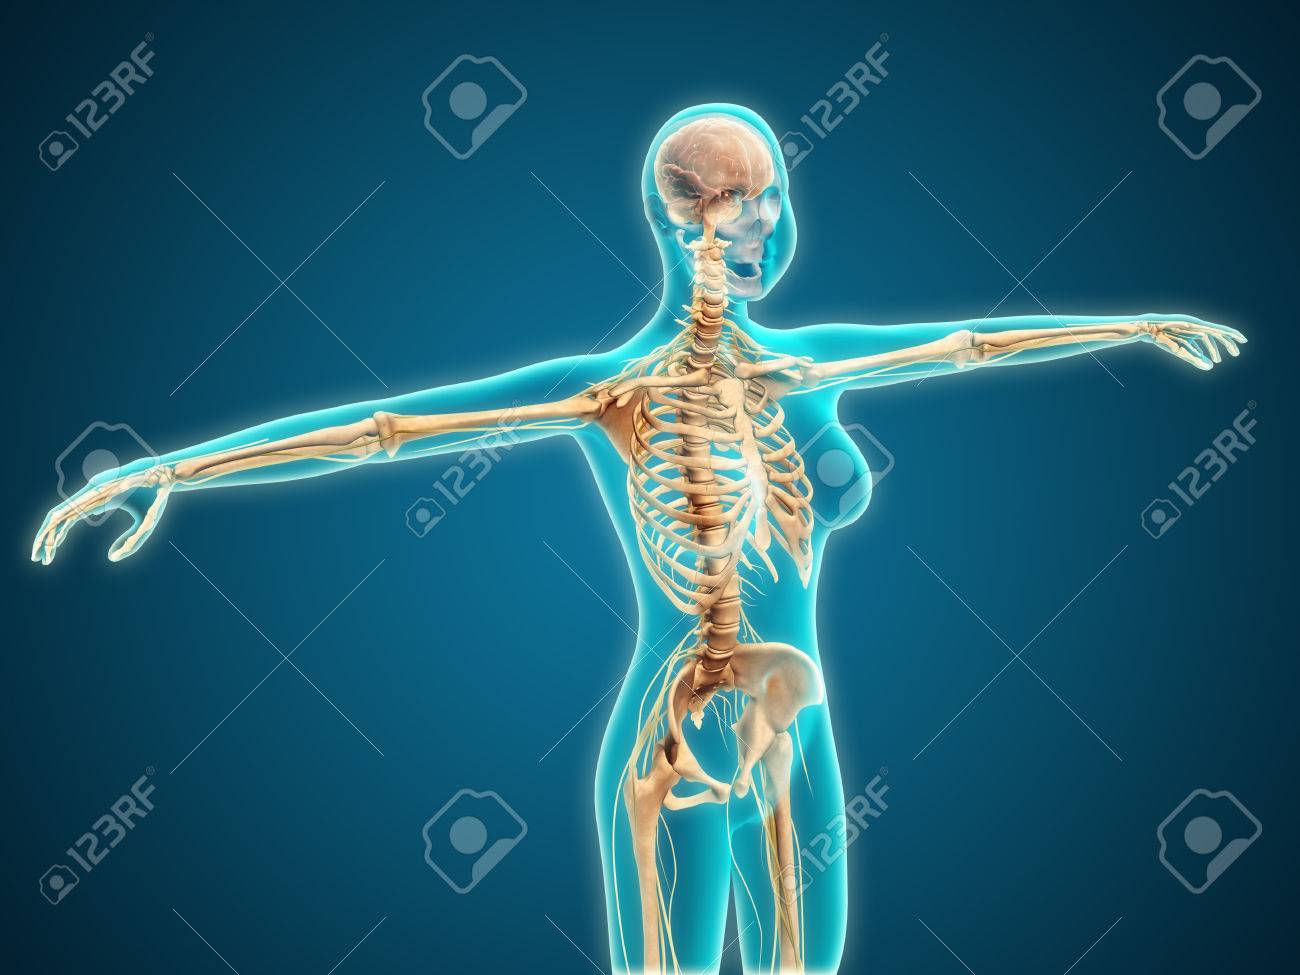 Röntgenaufnahme Der Weiblichen Körper Zeigt Skelett-System ...